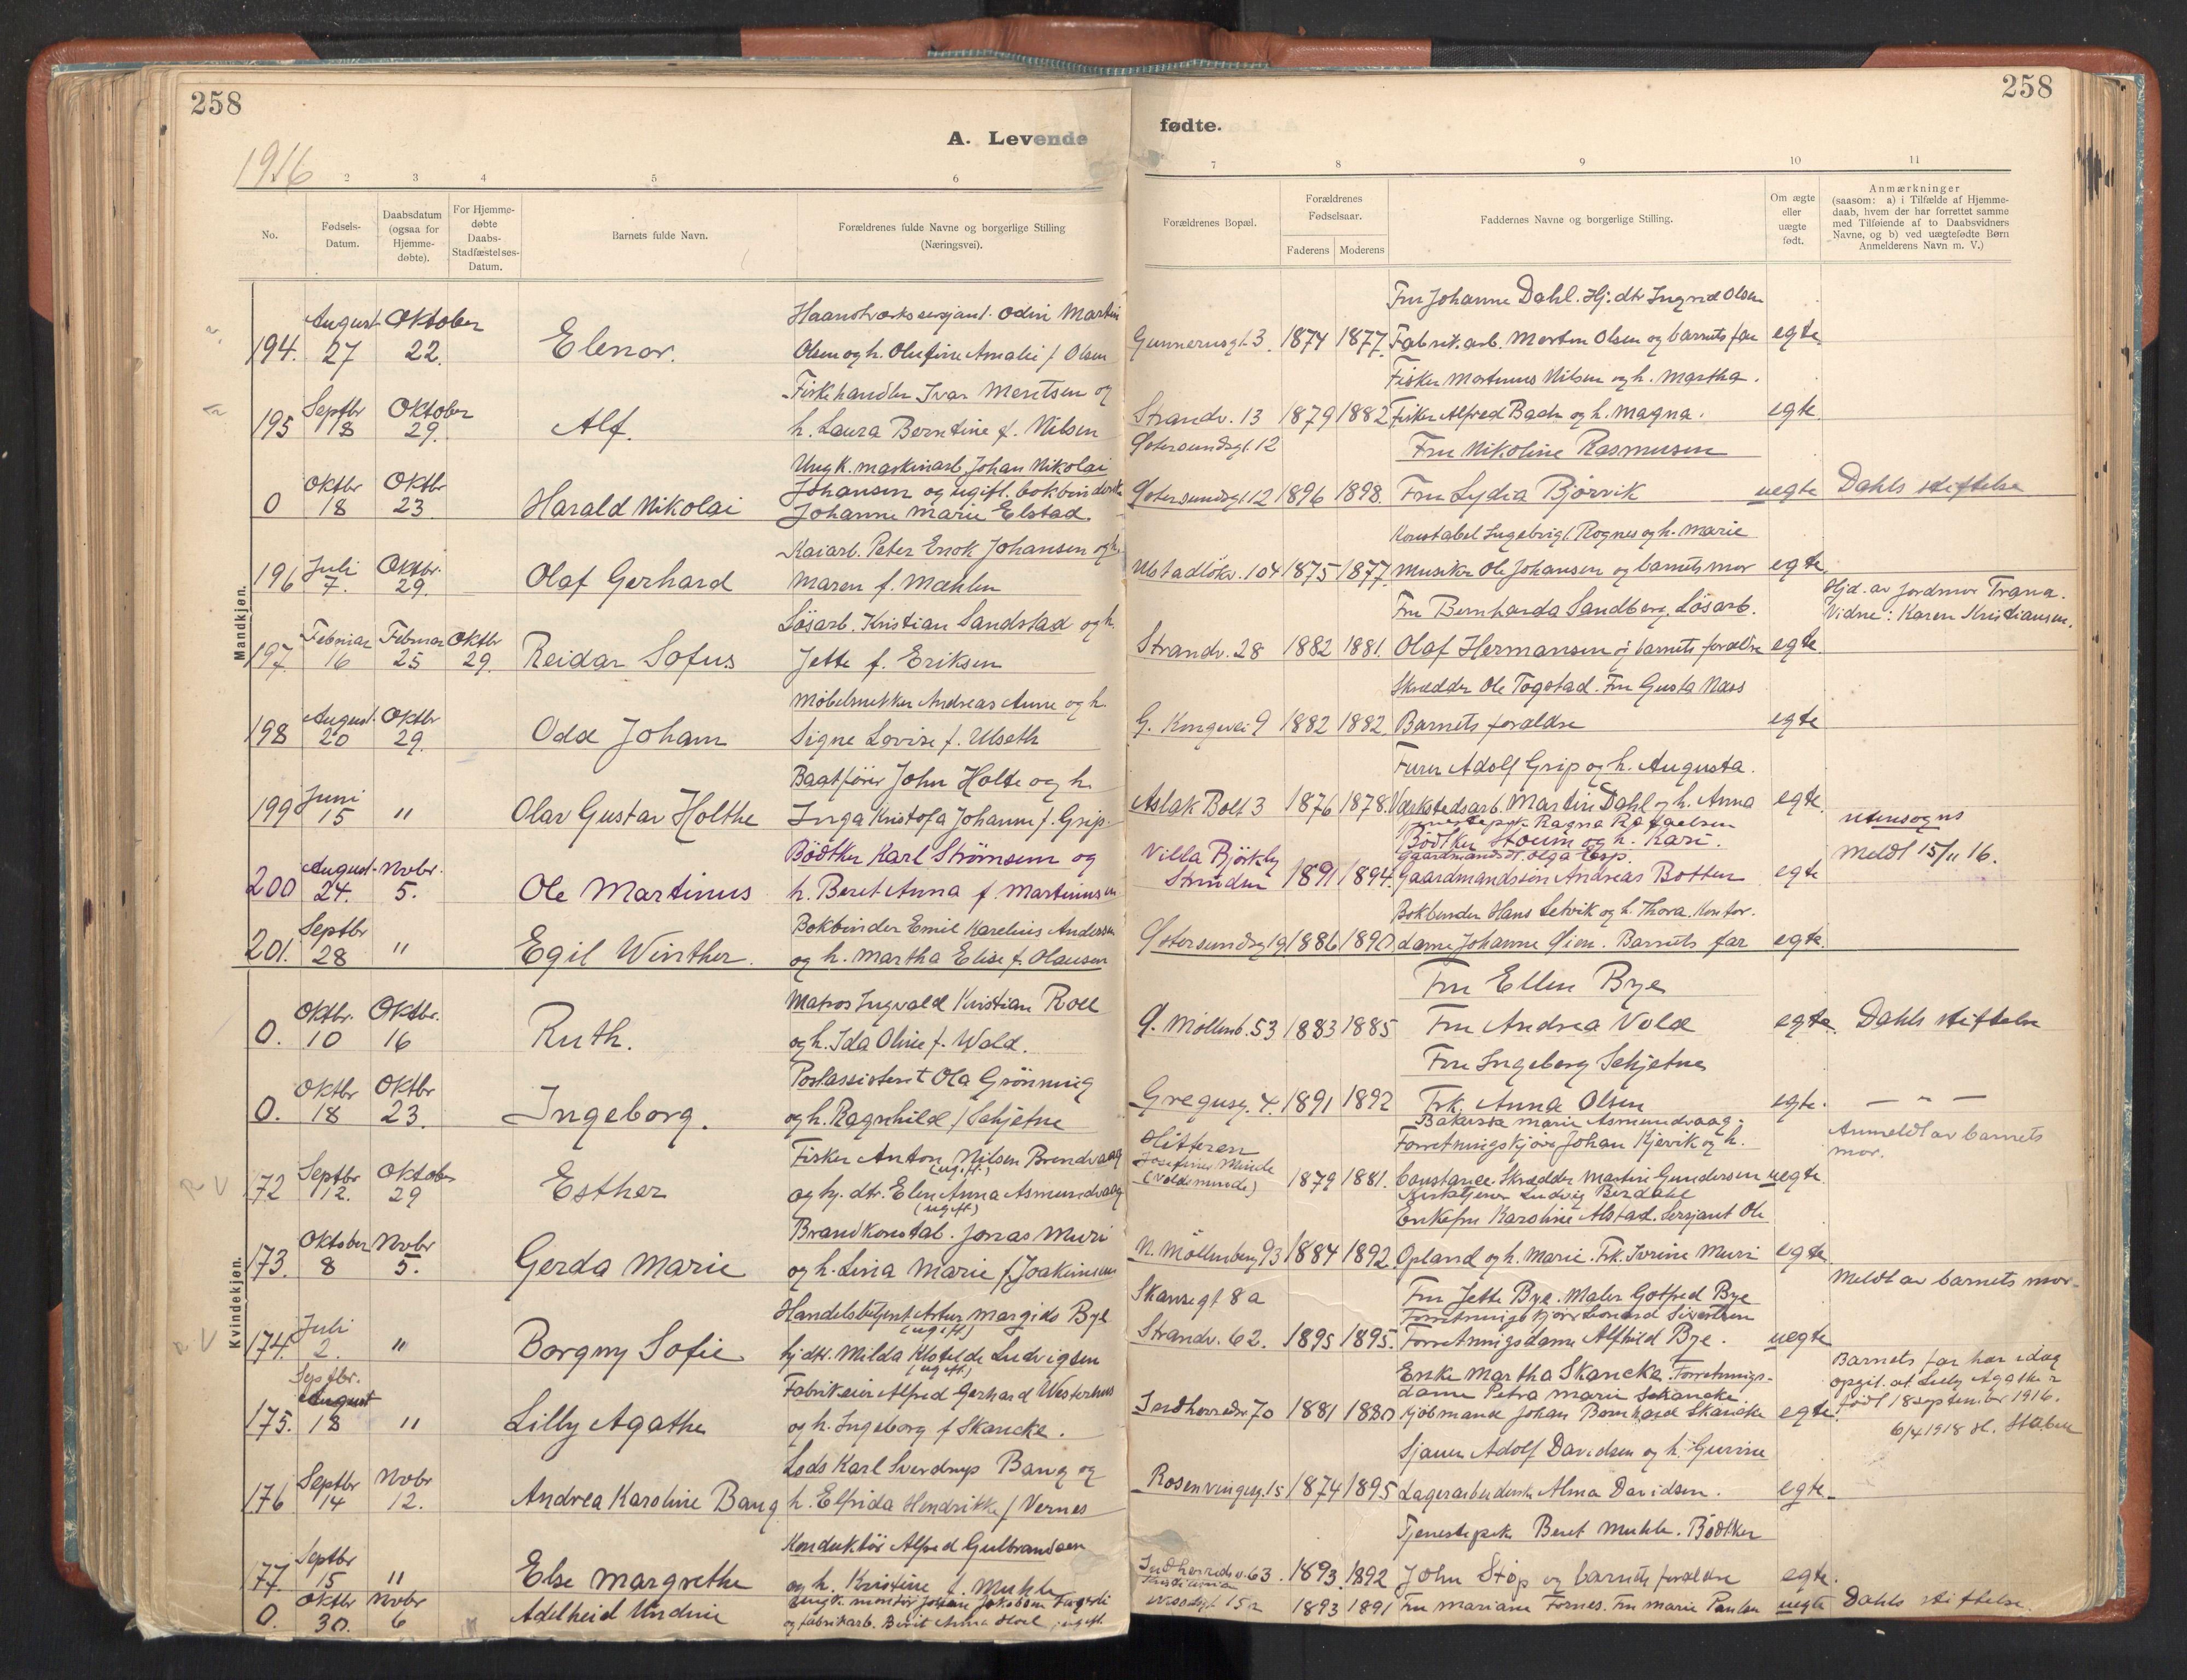 SAT, Ministerialprotokoller, klokkerbøker og fødselsregistre - Sør-Trøndelag, 605/L0243: Ministerialbok nr. 605A05, 1908-1923, s. 258